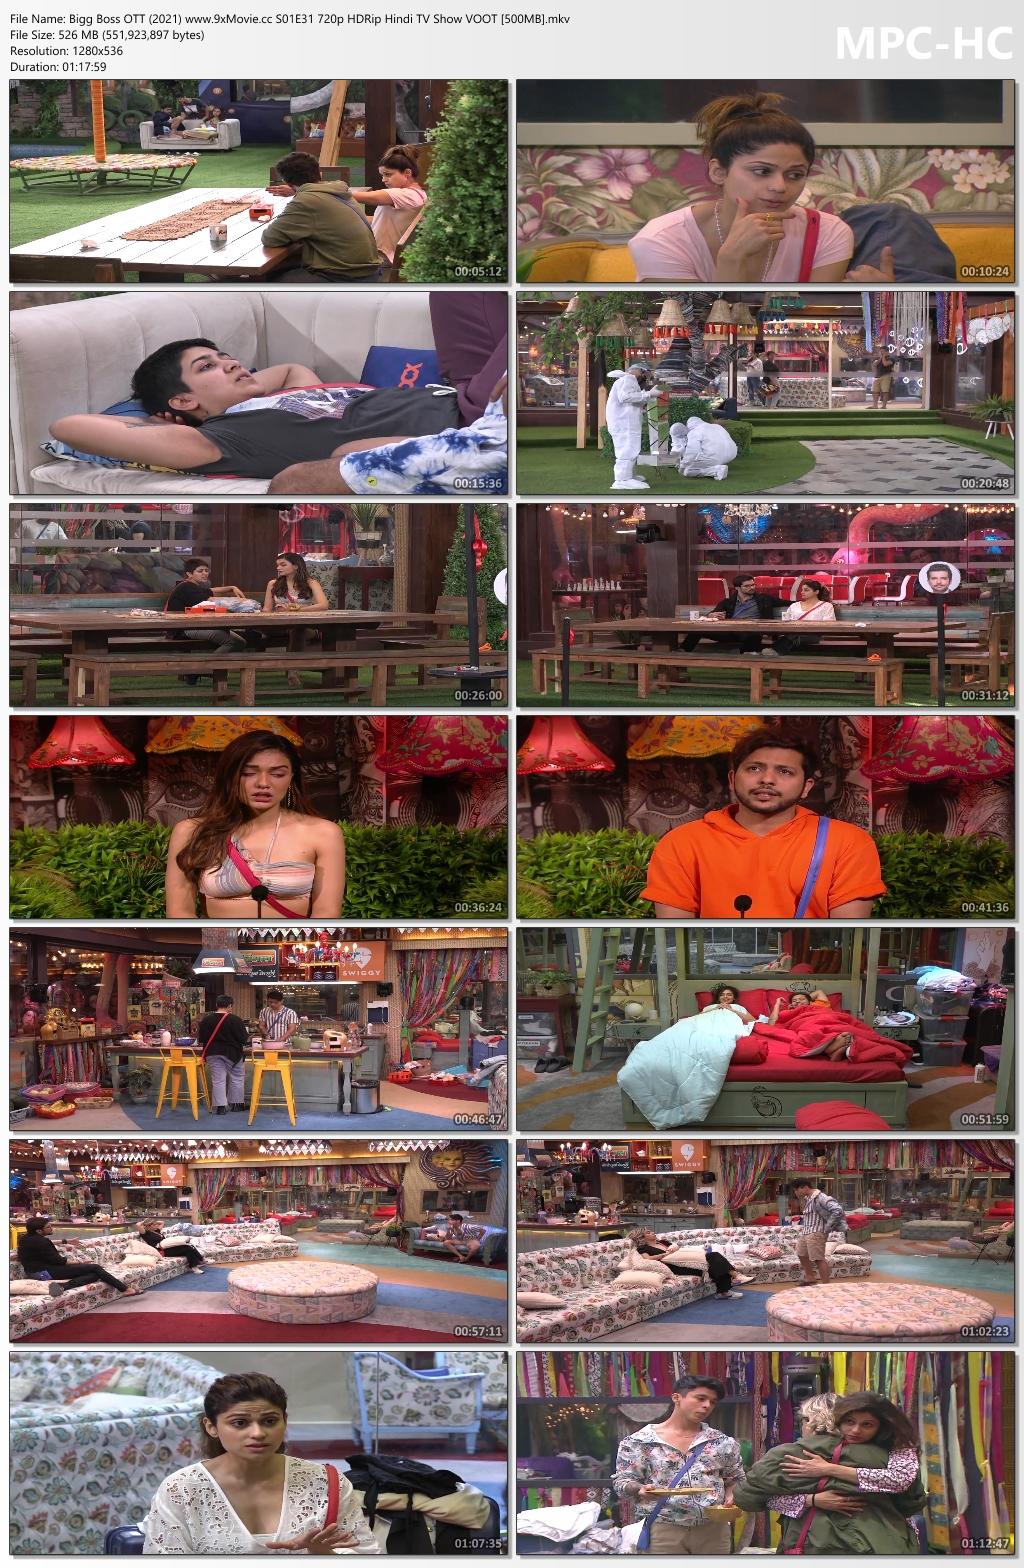 Bigg-Boss-OTT-2021-www-9x-Movie-cc-S01-E31-720p-HDRip-Hindi-TV-Show-VOOT-500-MB-mkv